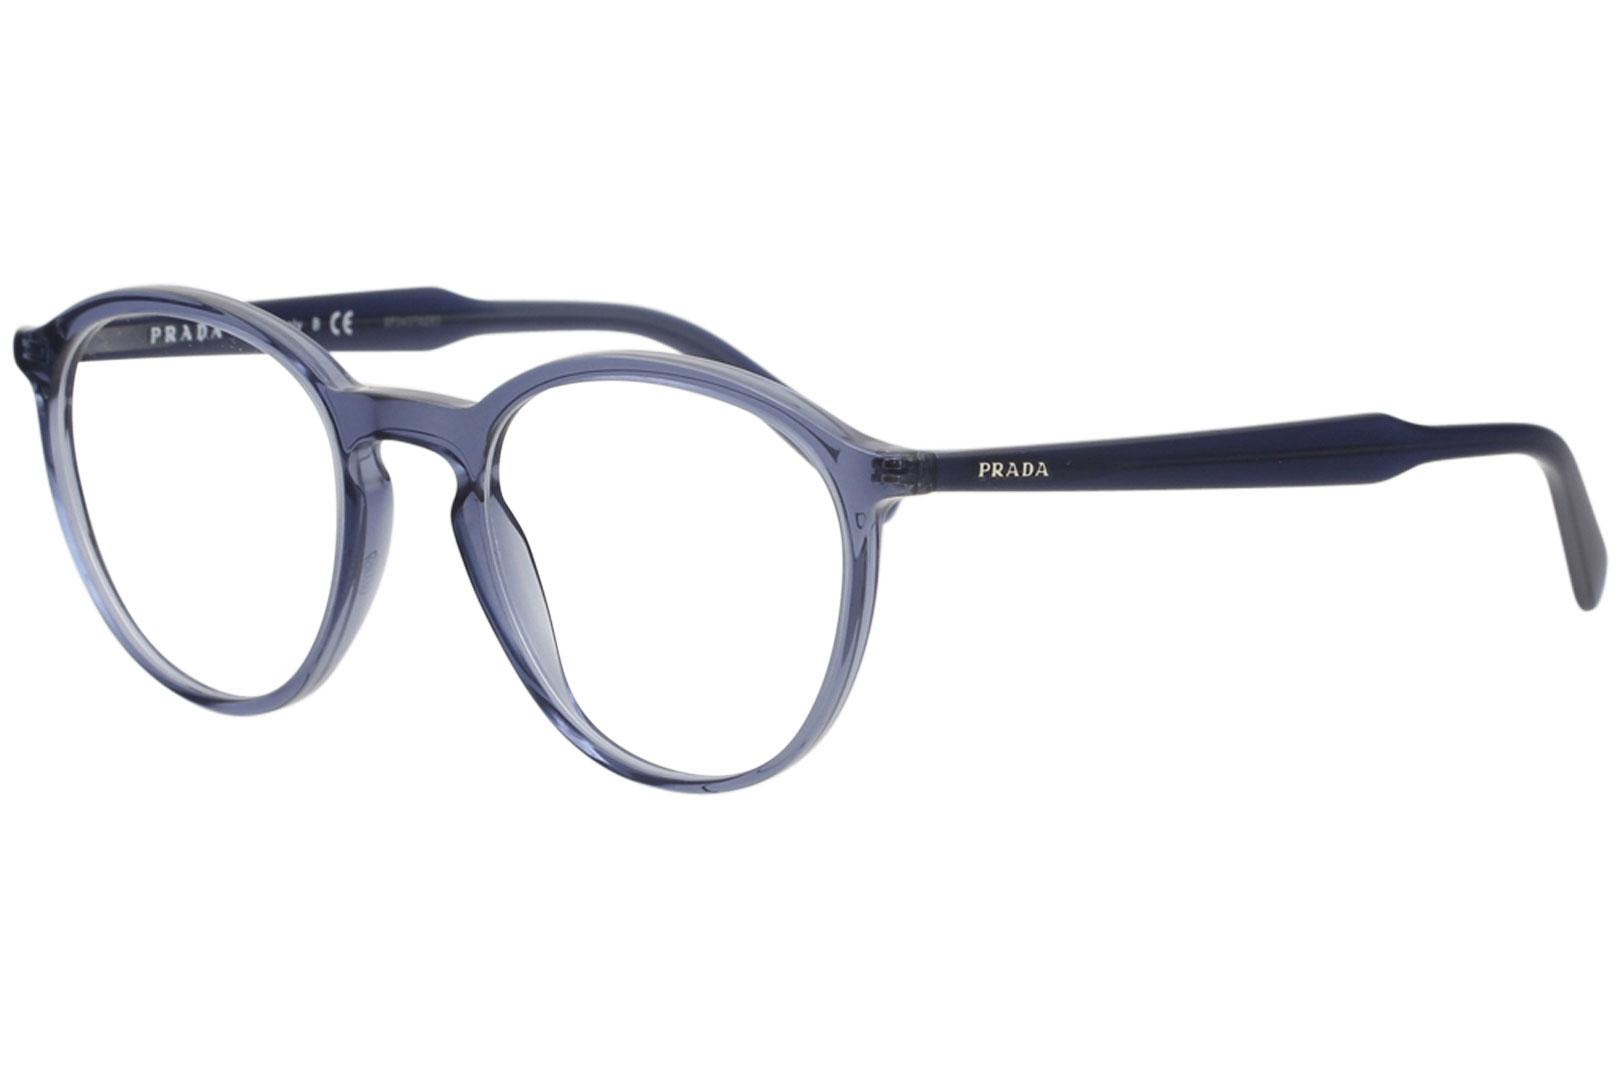 0976c237fcbfe Prada Eyeglasses VPR13T VPR 13T VAV 1O1 Transparent Blue Optical ...